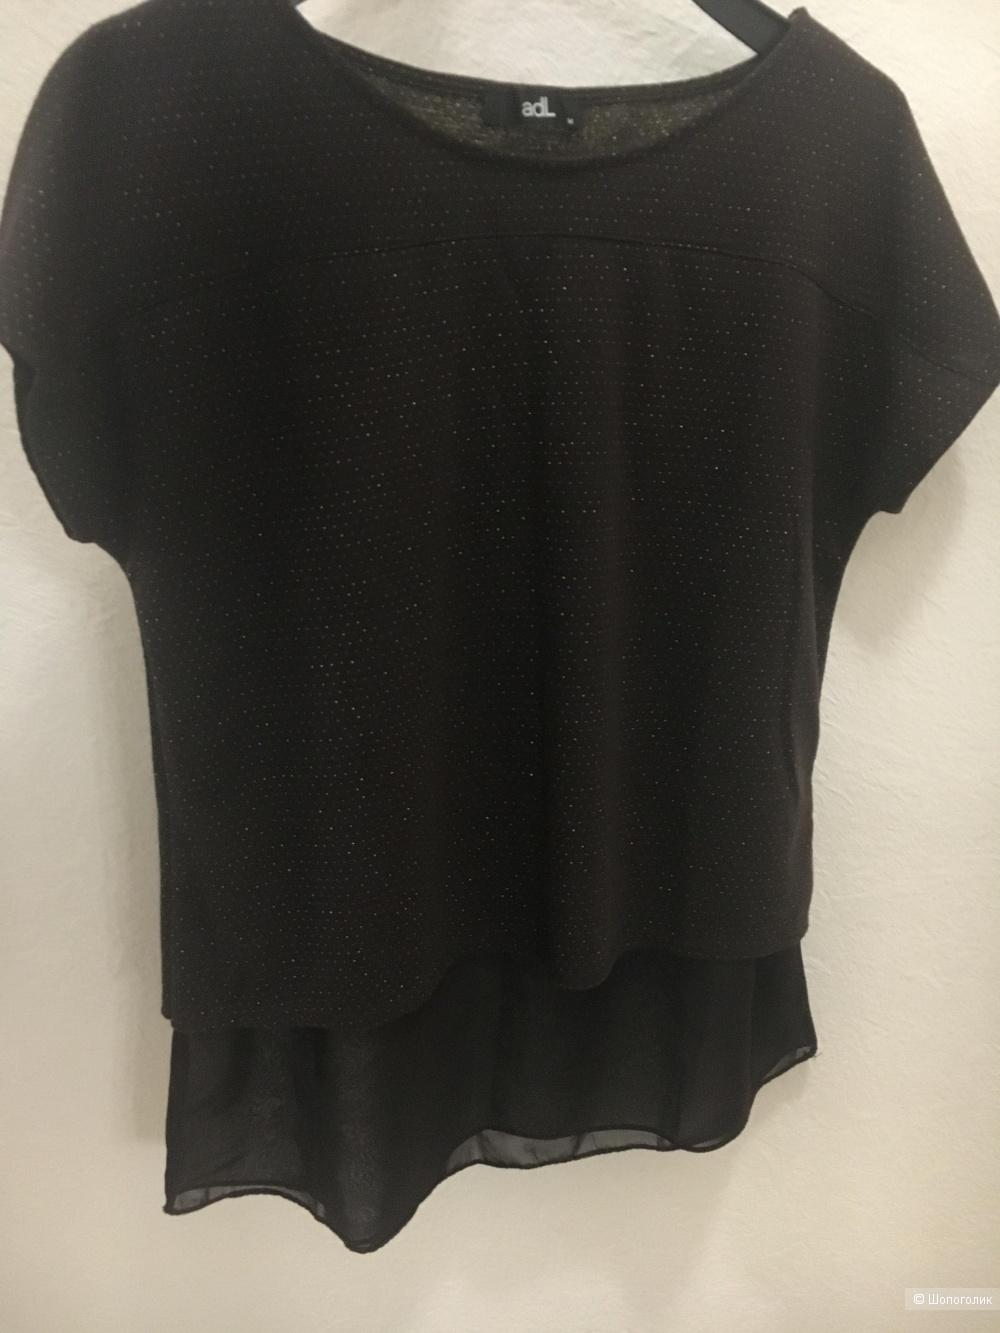 Блуза Adl 44 46 48 M L